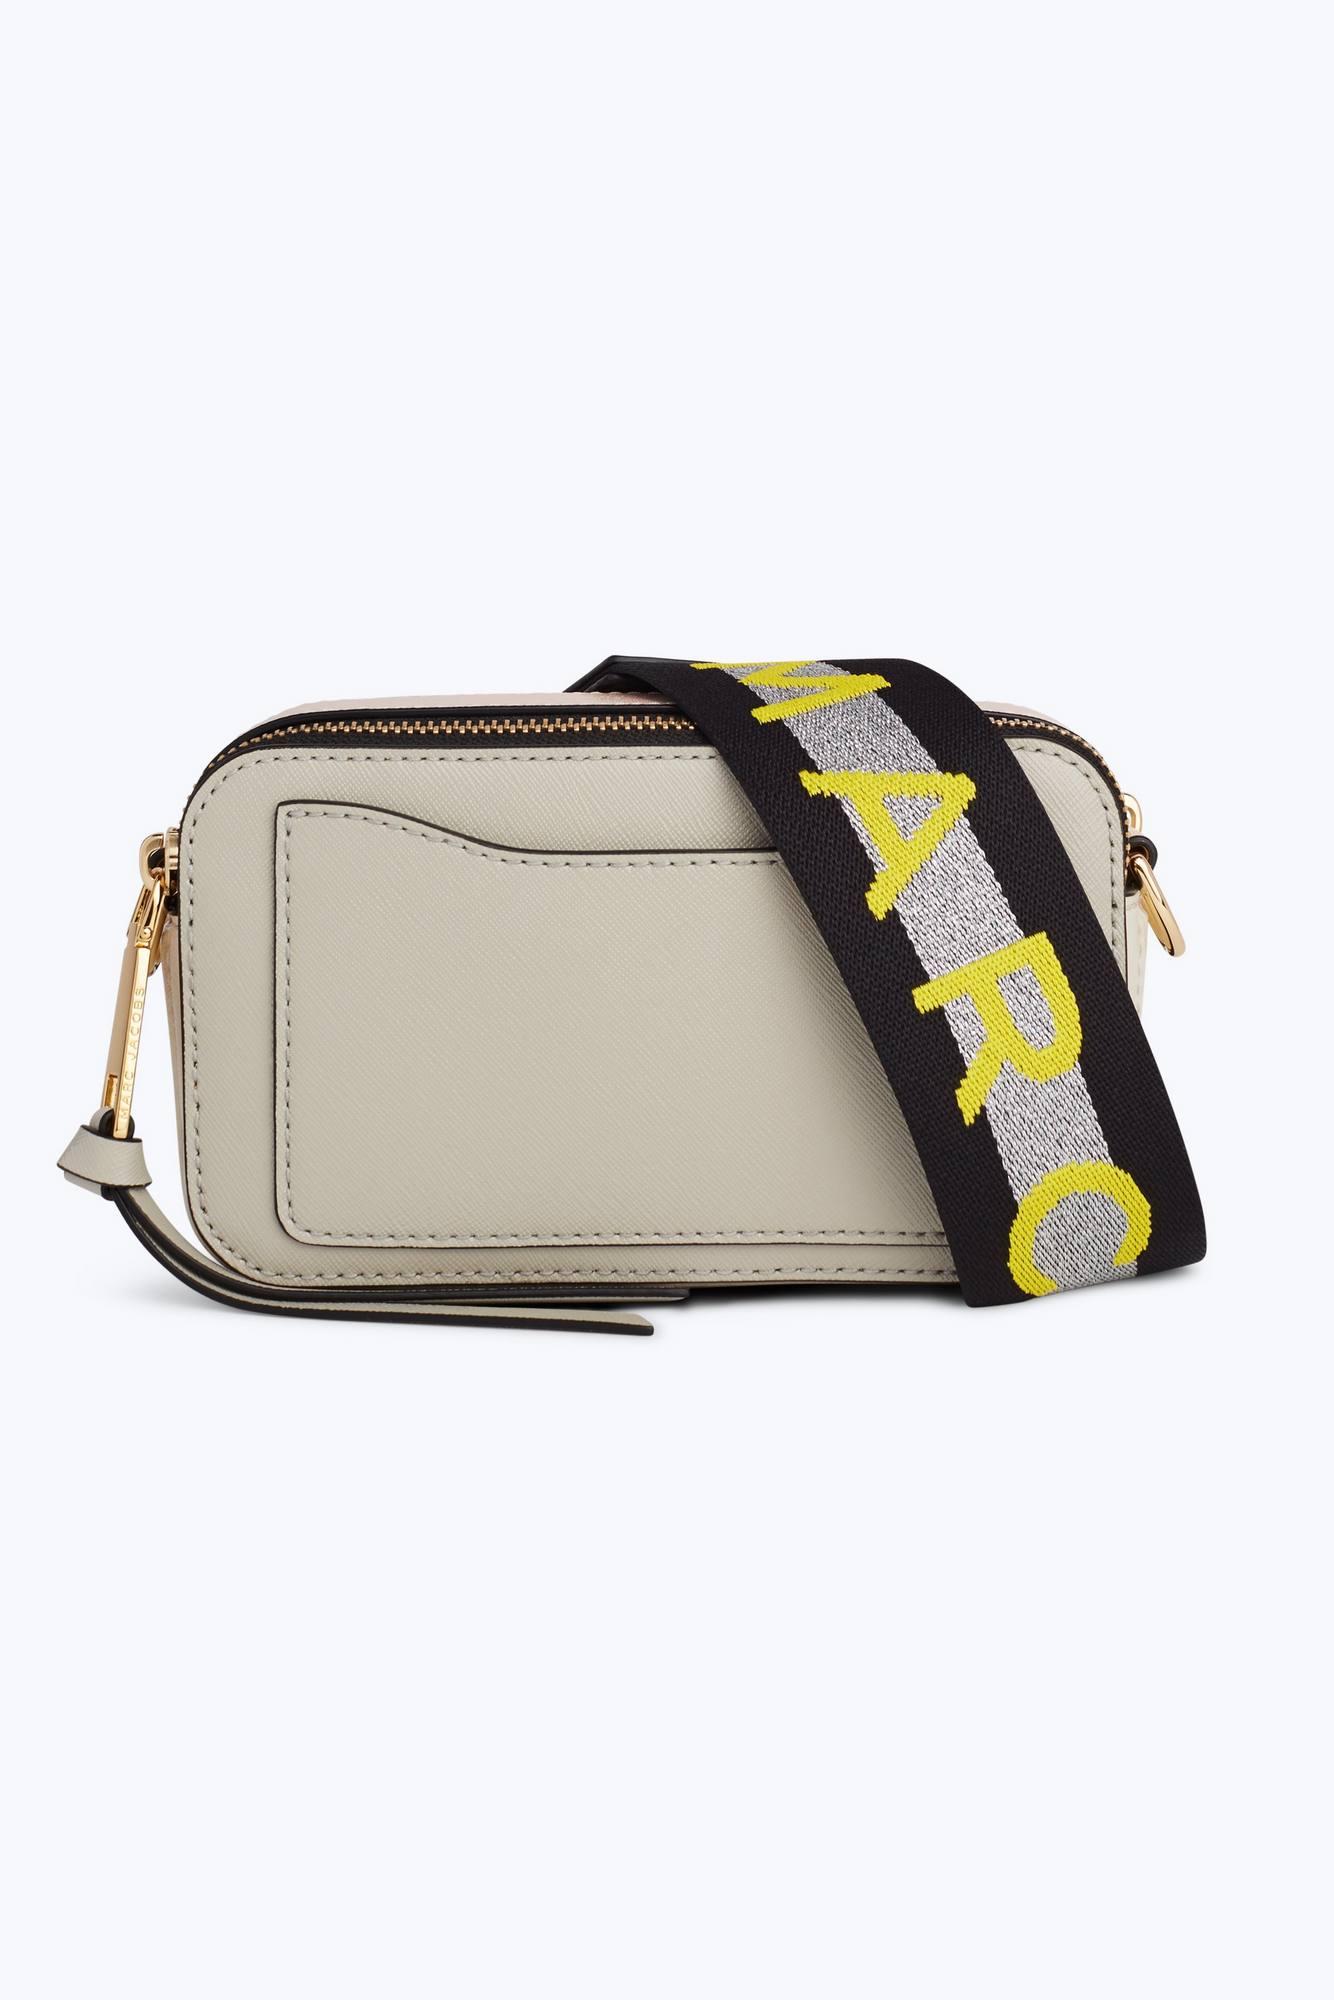 25dfd9252057 Logo Strap Snapshot Small Camera Bag